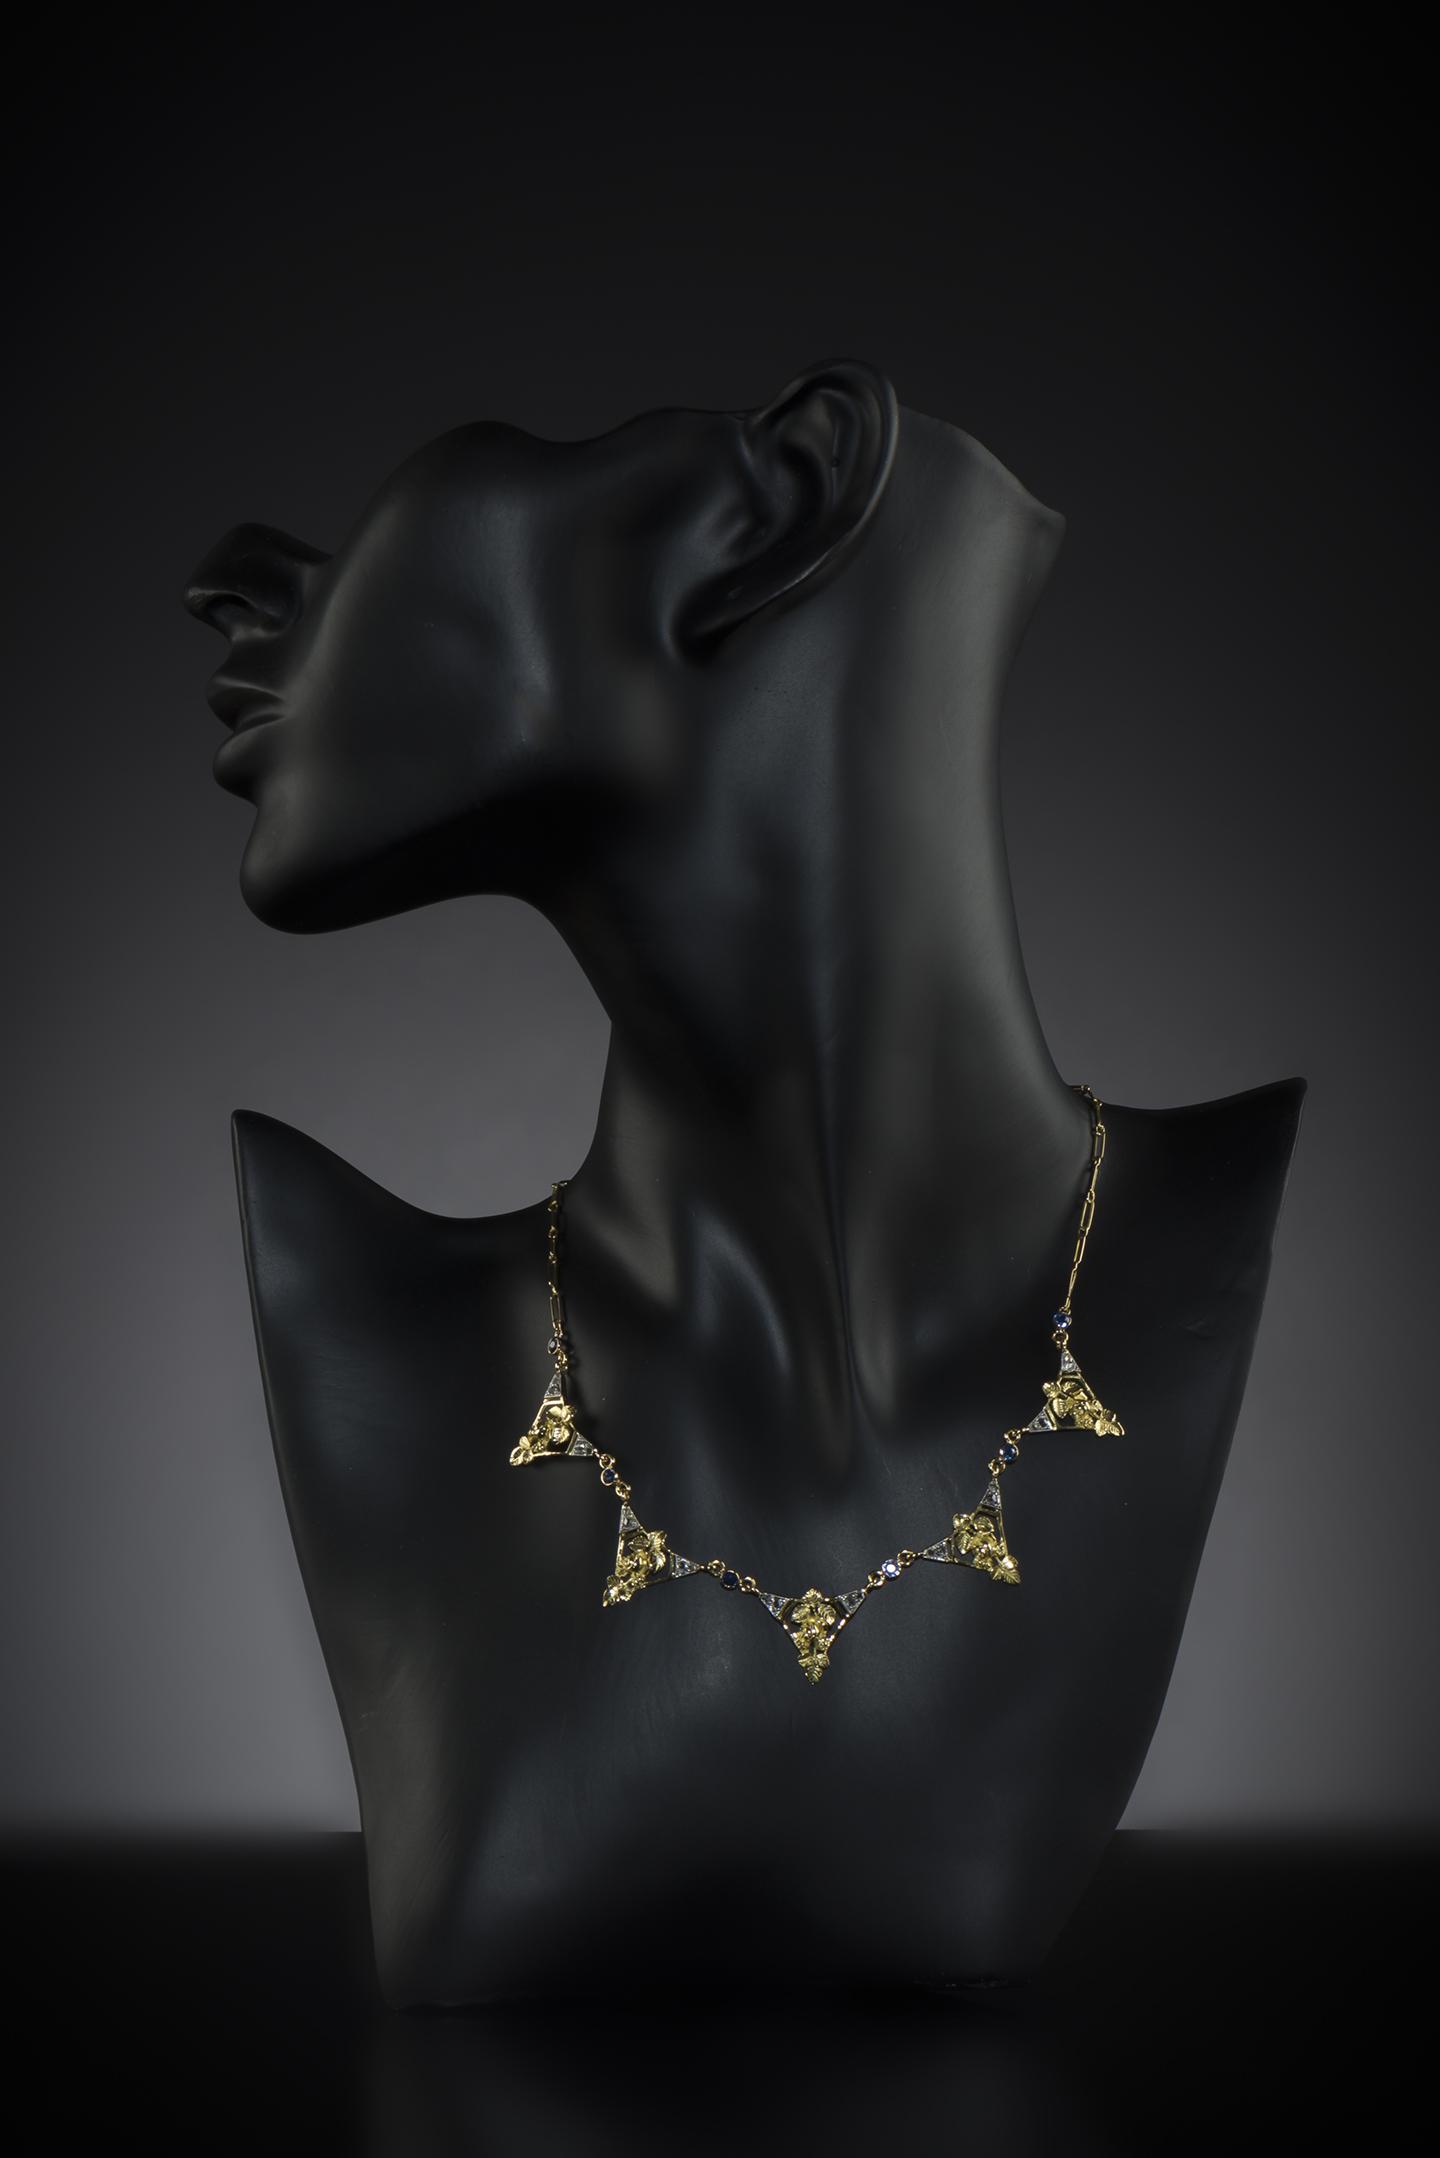 Collier saphirs diamants Art nouveau (vers 1900)-2